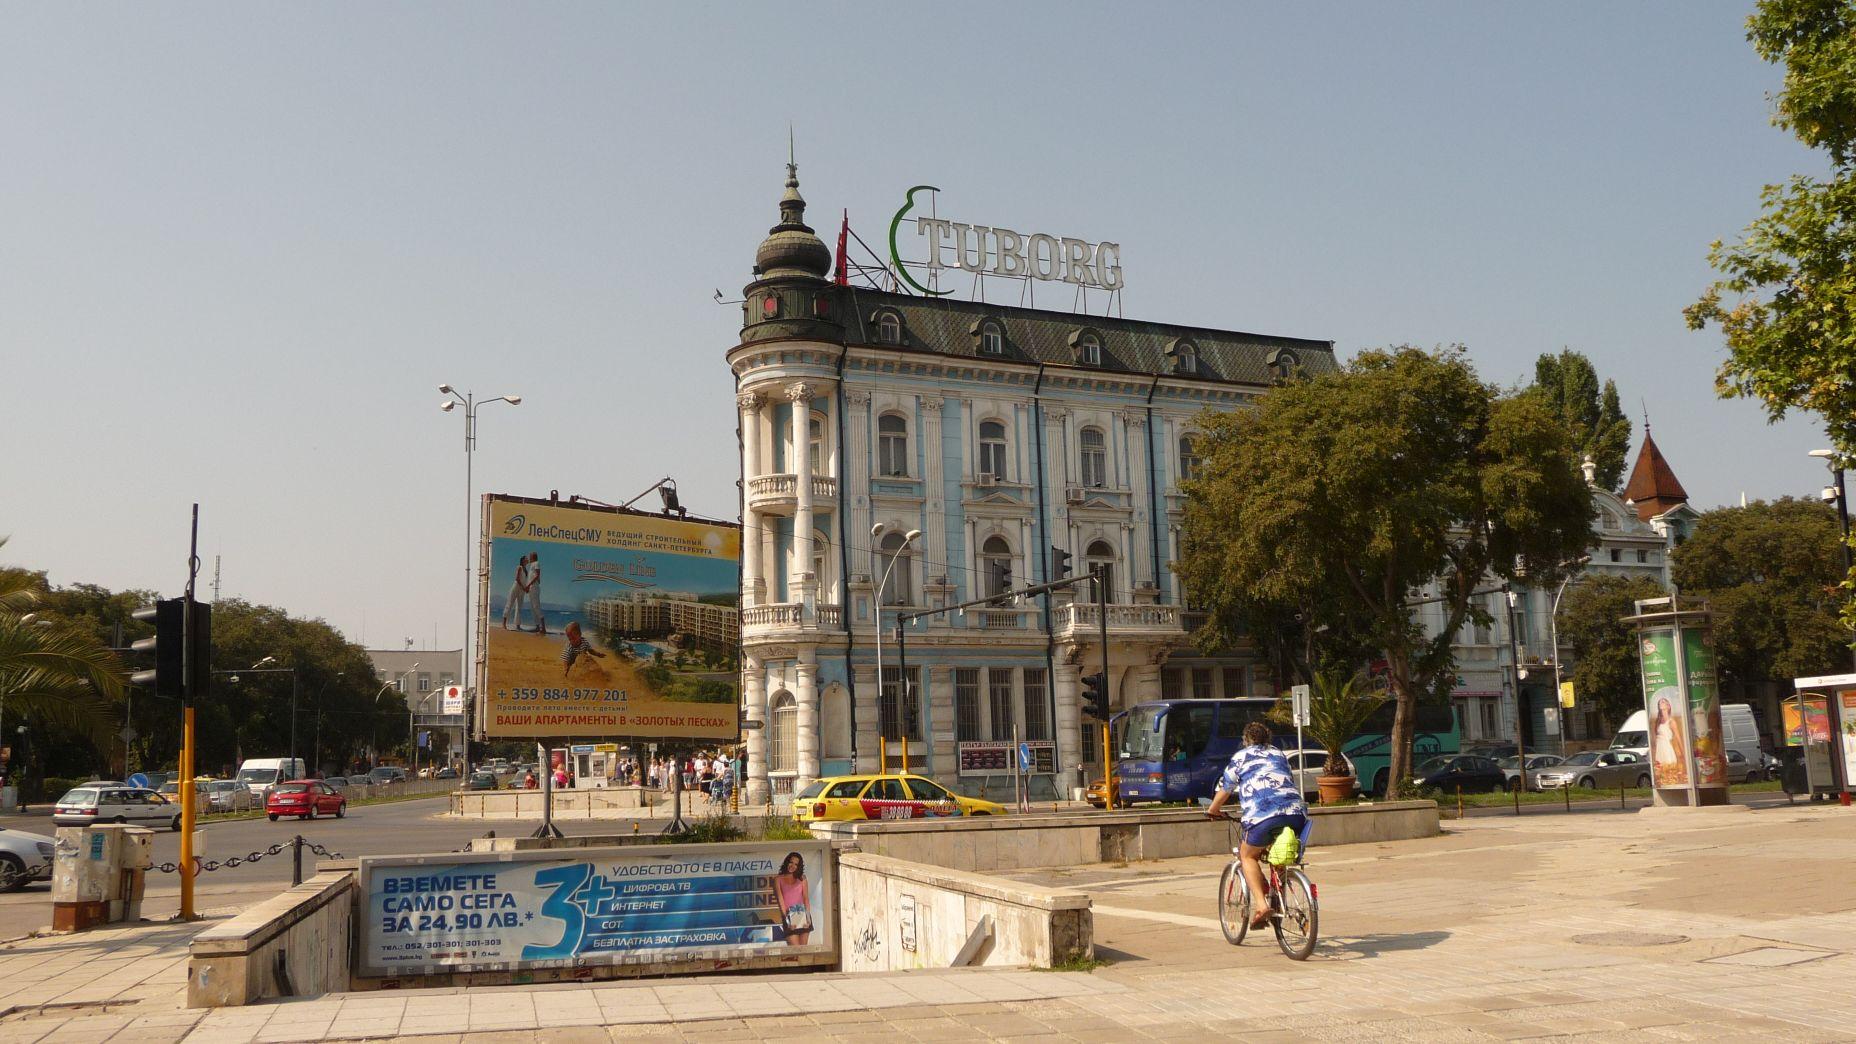 Bułgaria - Płowdiw - zdjęcia, atrakcje